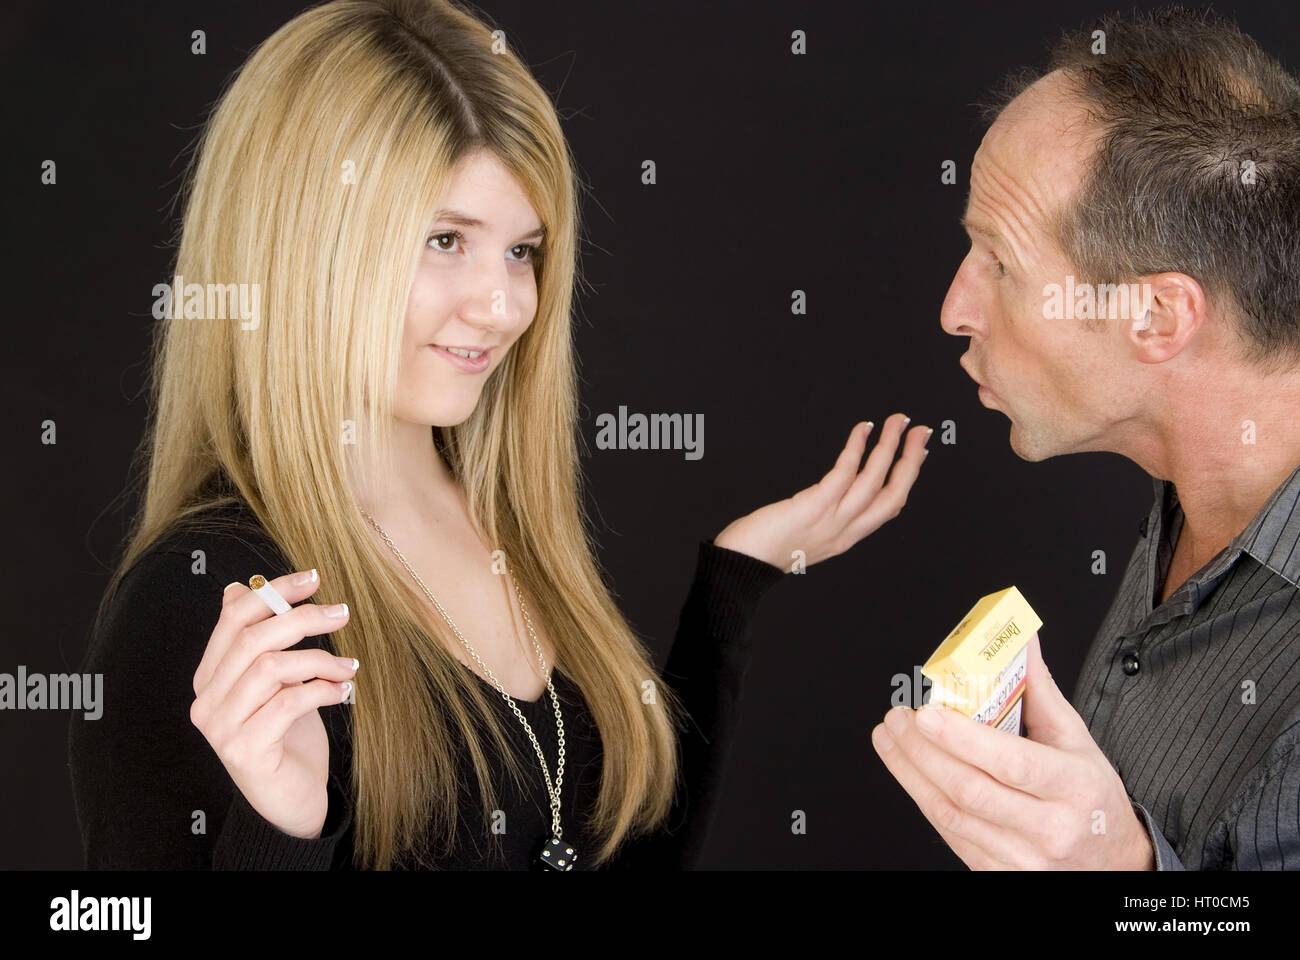 vater erwischt tochter beim fingern sex tube